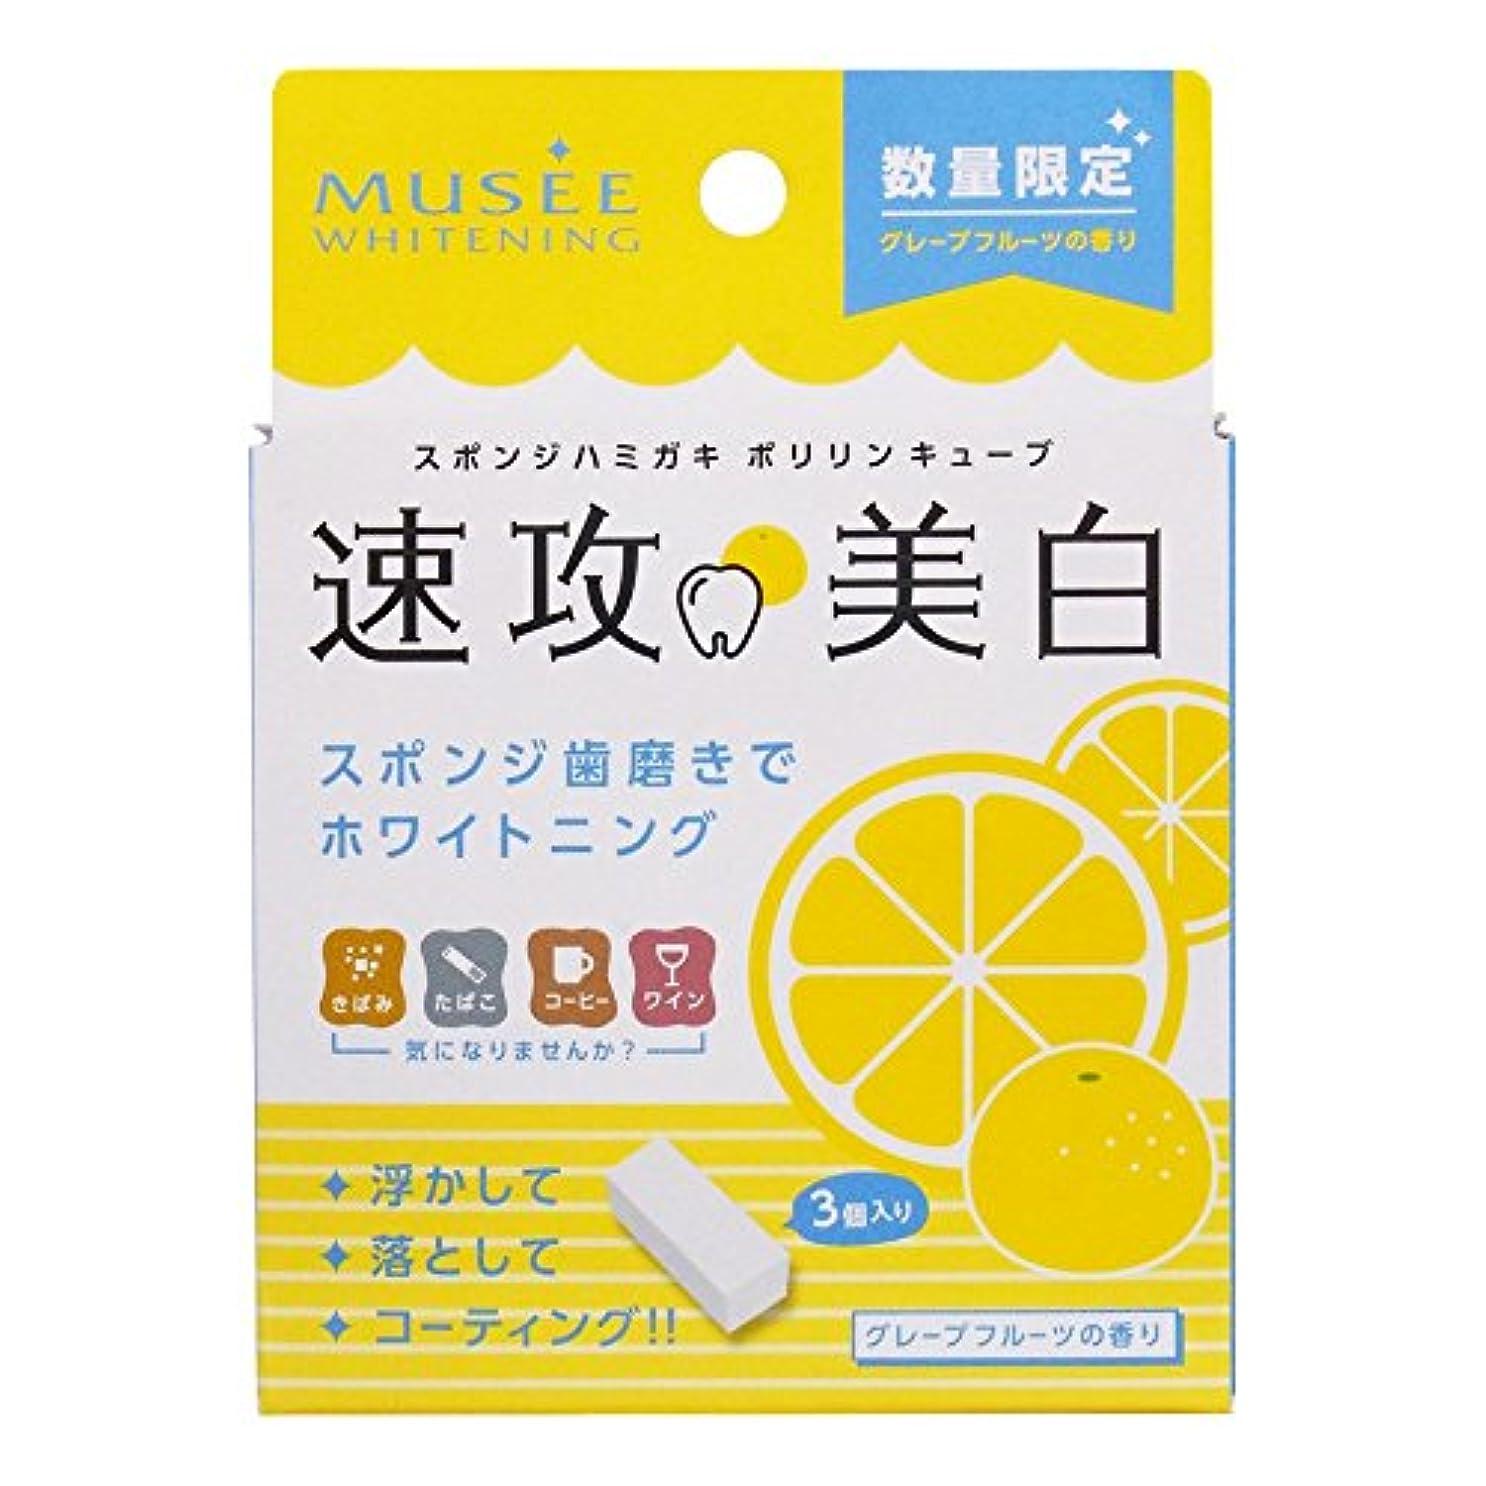 ヒューマニスティック団結実際にミュゼホワイトニング ポリリンキューブ グレープフルーツの香り (1回分×3包)